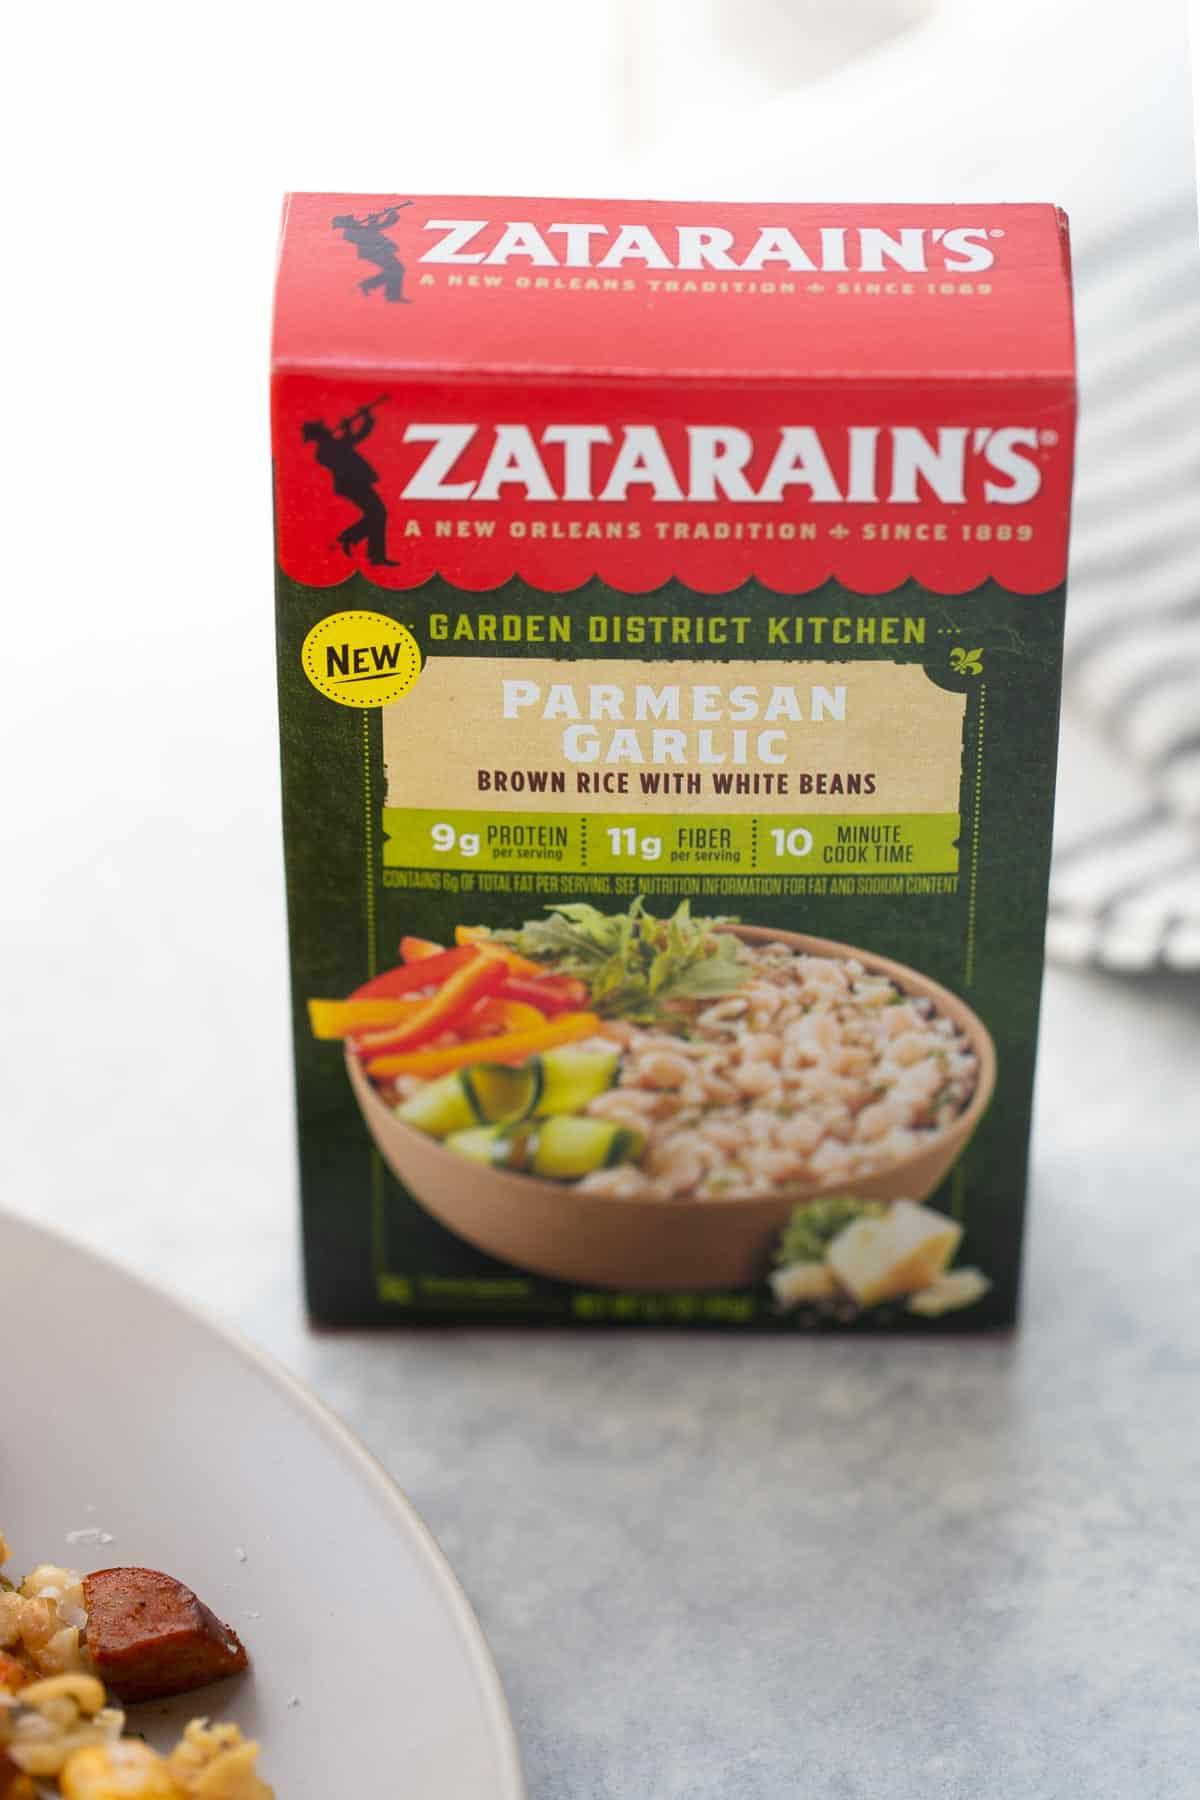 Zatarain's Parmesan Garlic Rice